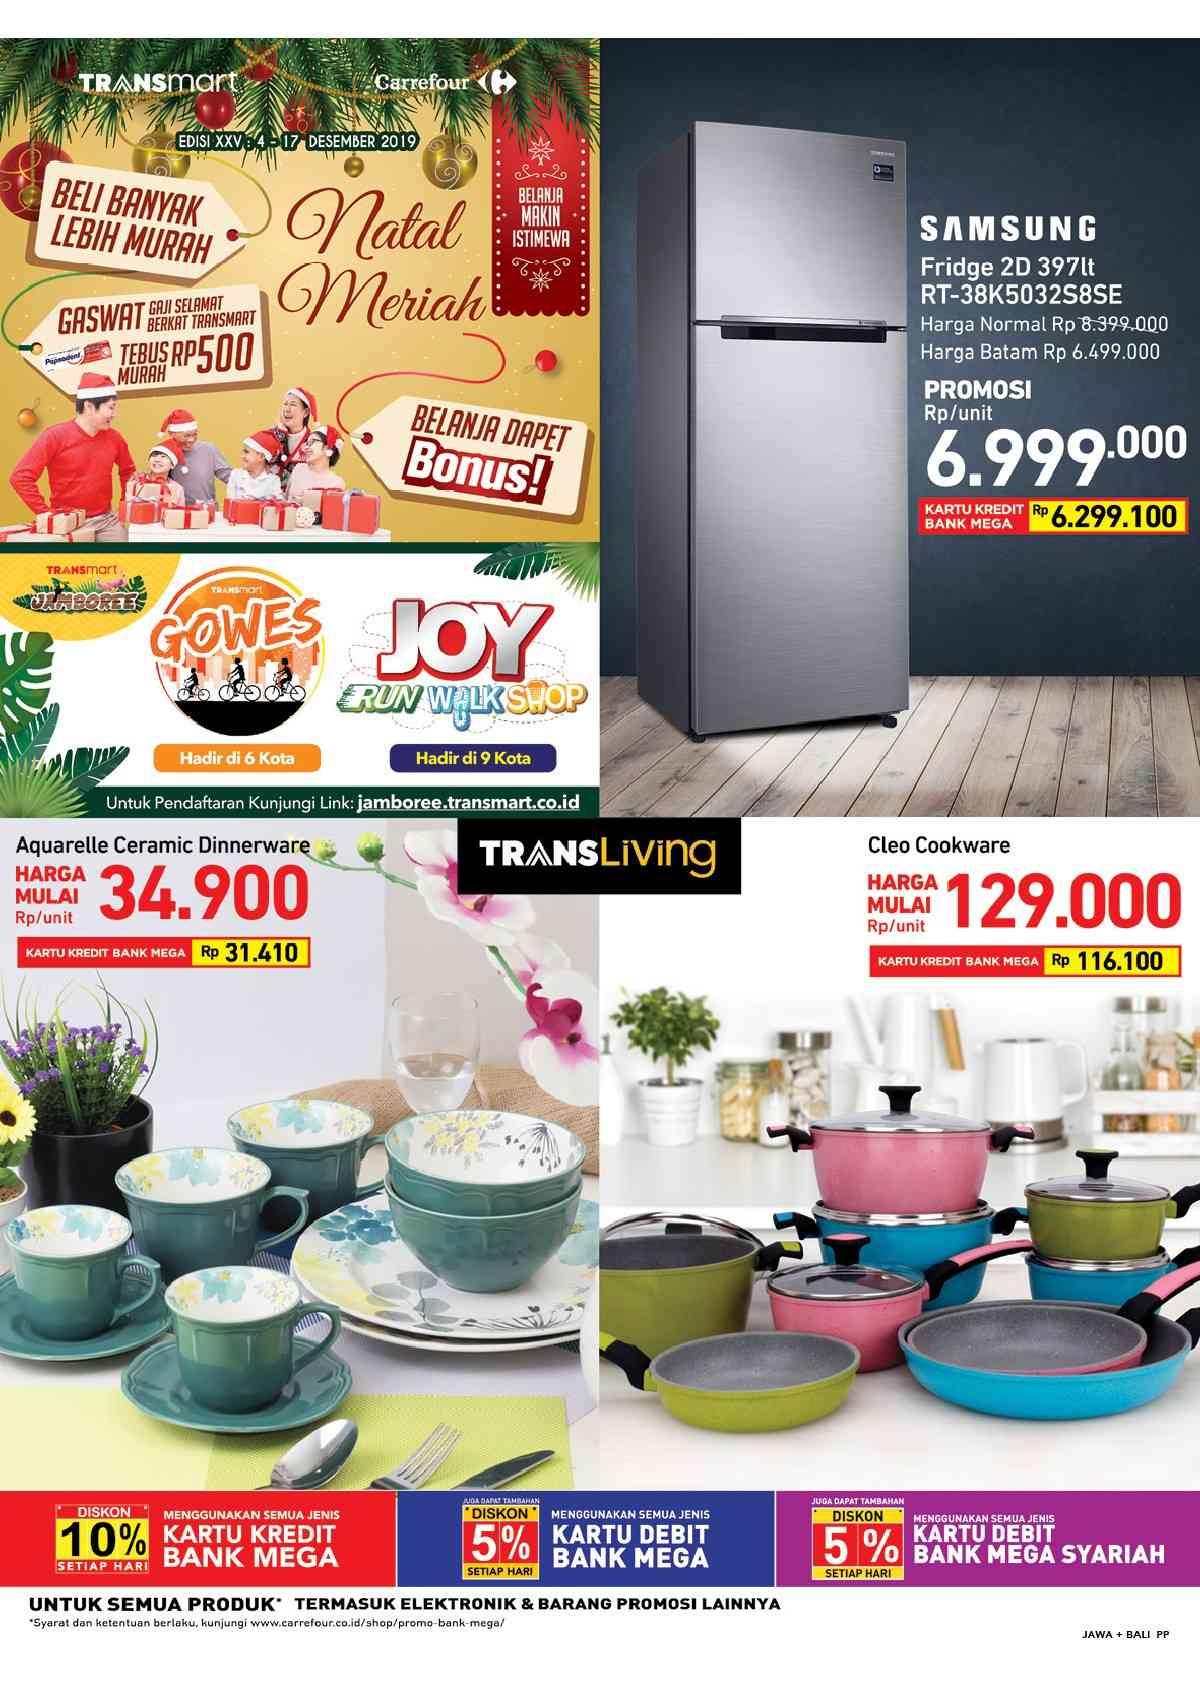 Katalog Carrefour Terbaru Untuk Periode 4-17 Desember 2019